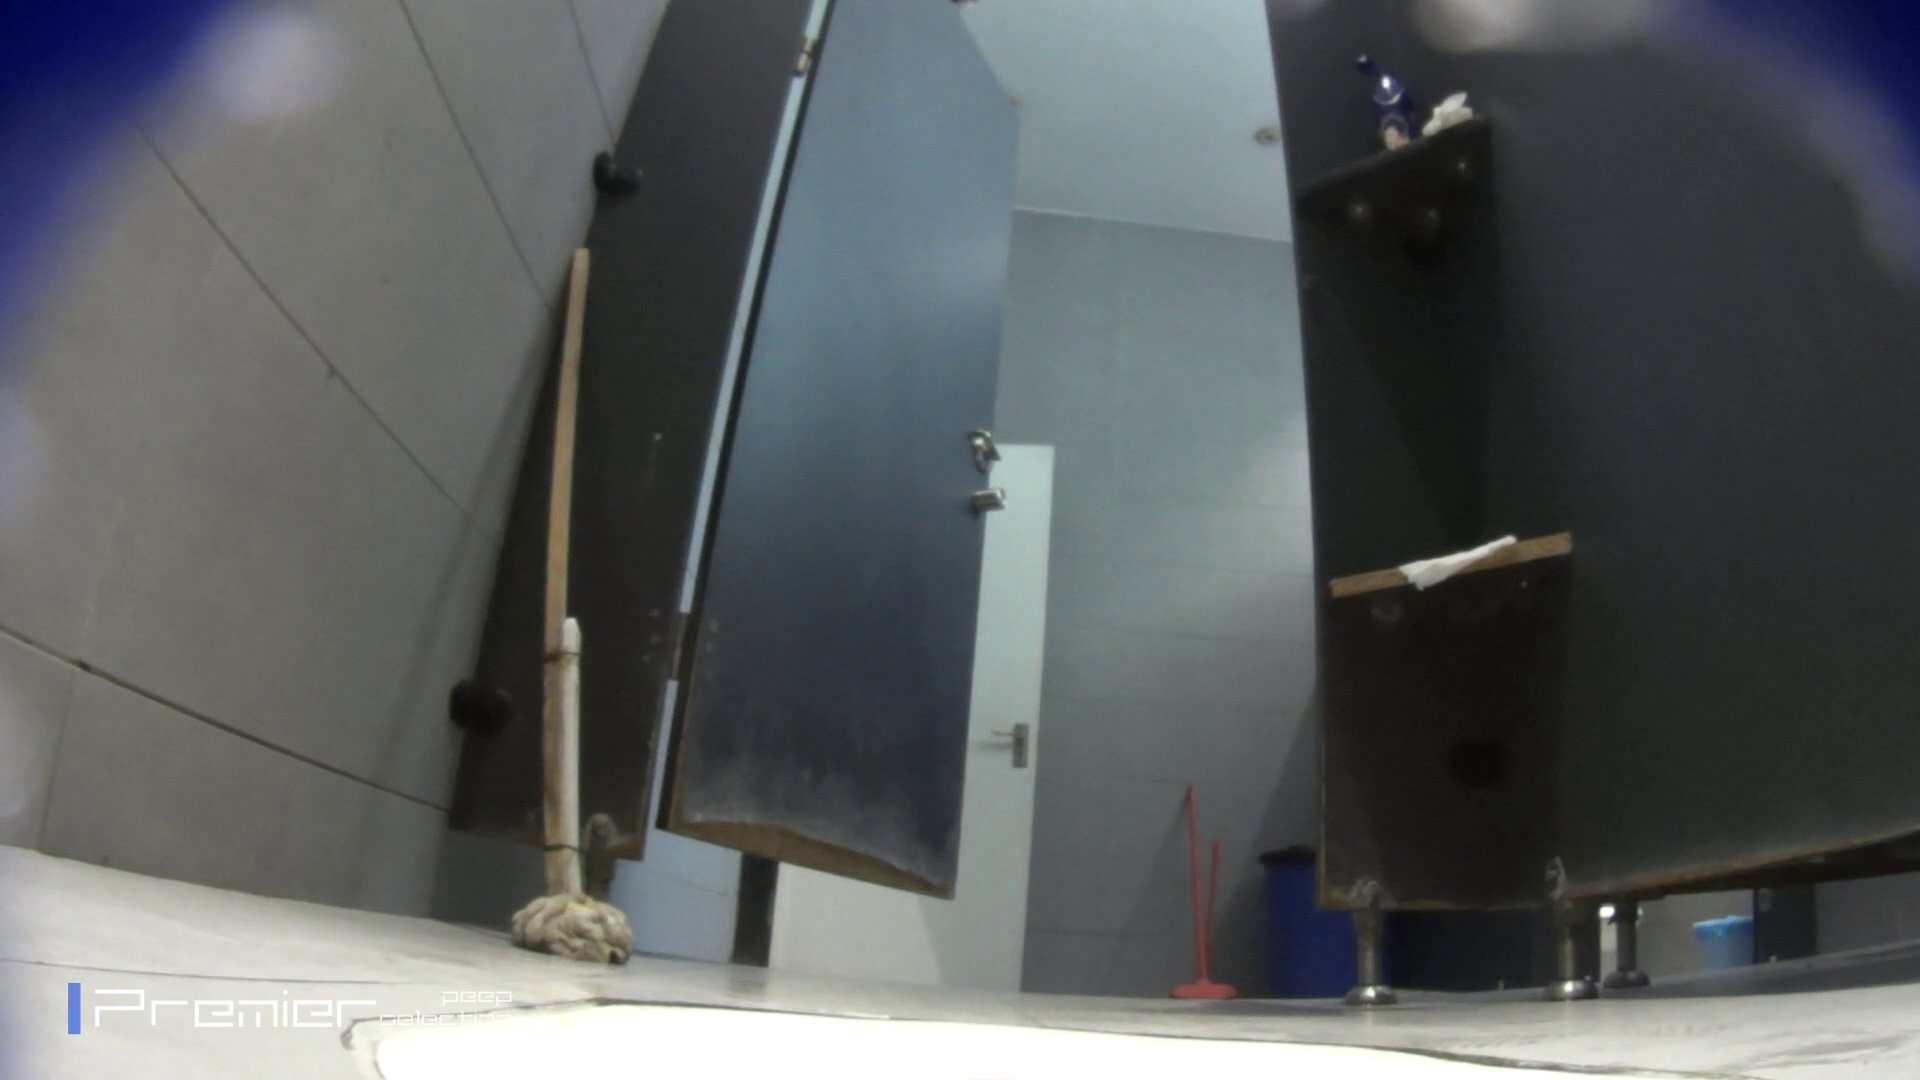 個室のドアを開けたまま放nyoする乙女 大学休憩時間の洗面所事情85 洗面所 | 細身  96画像 4